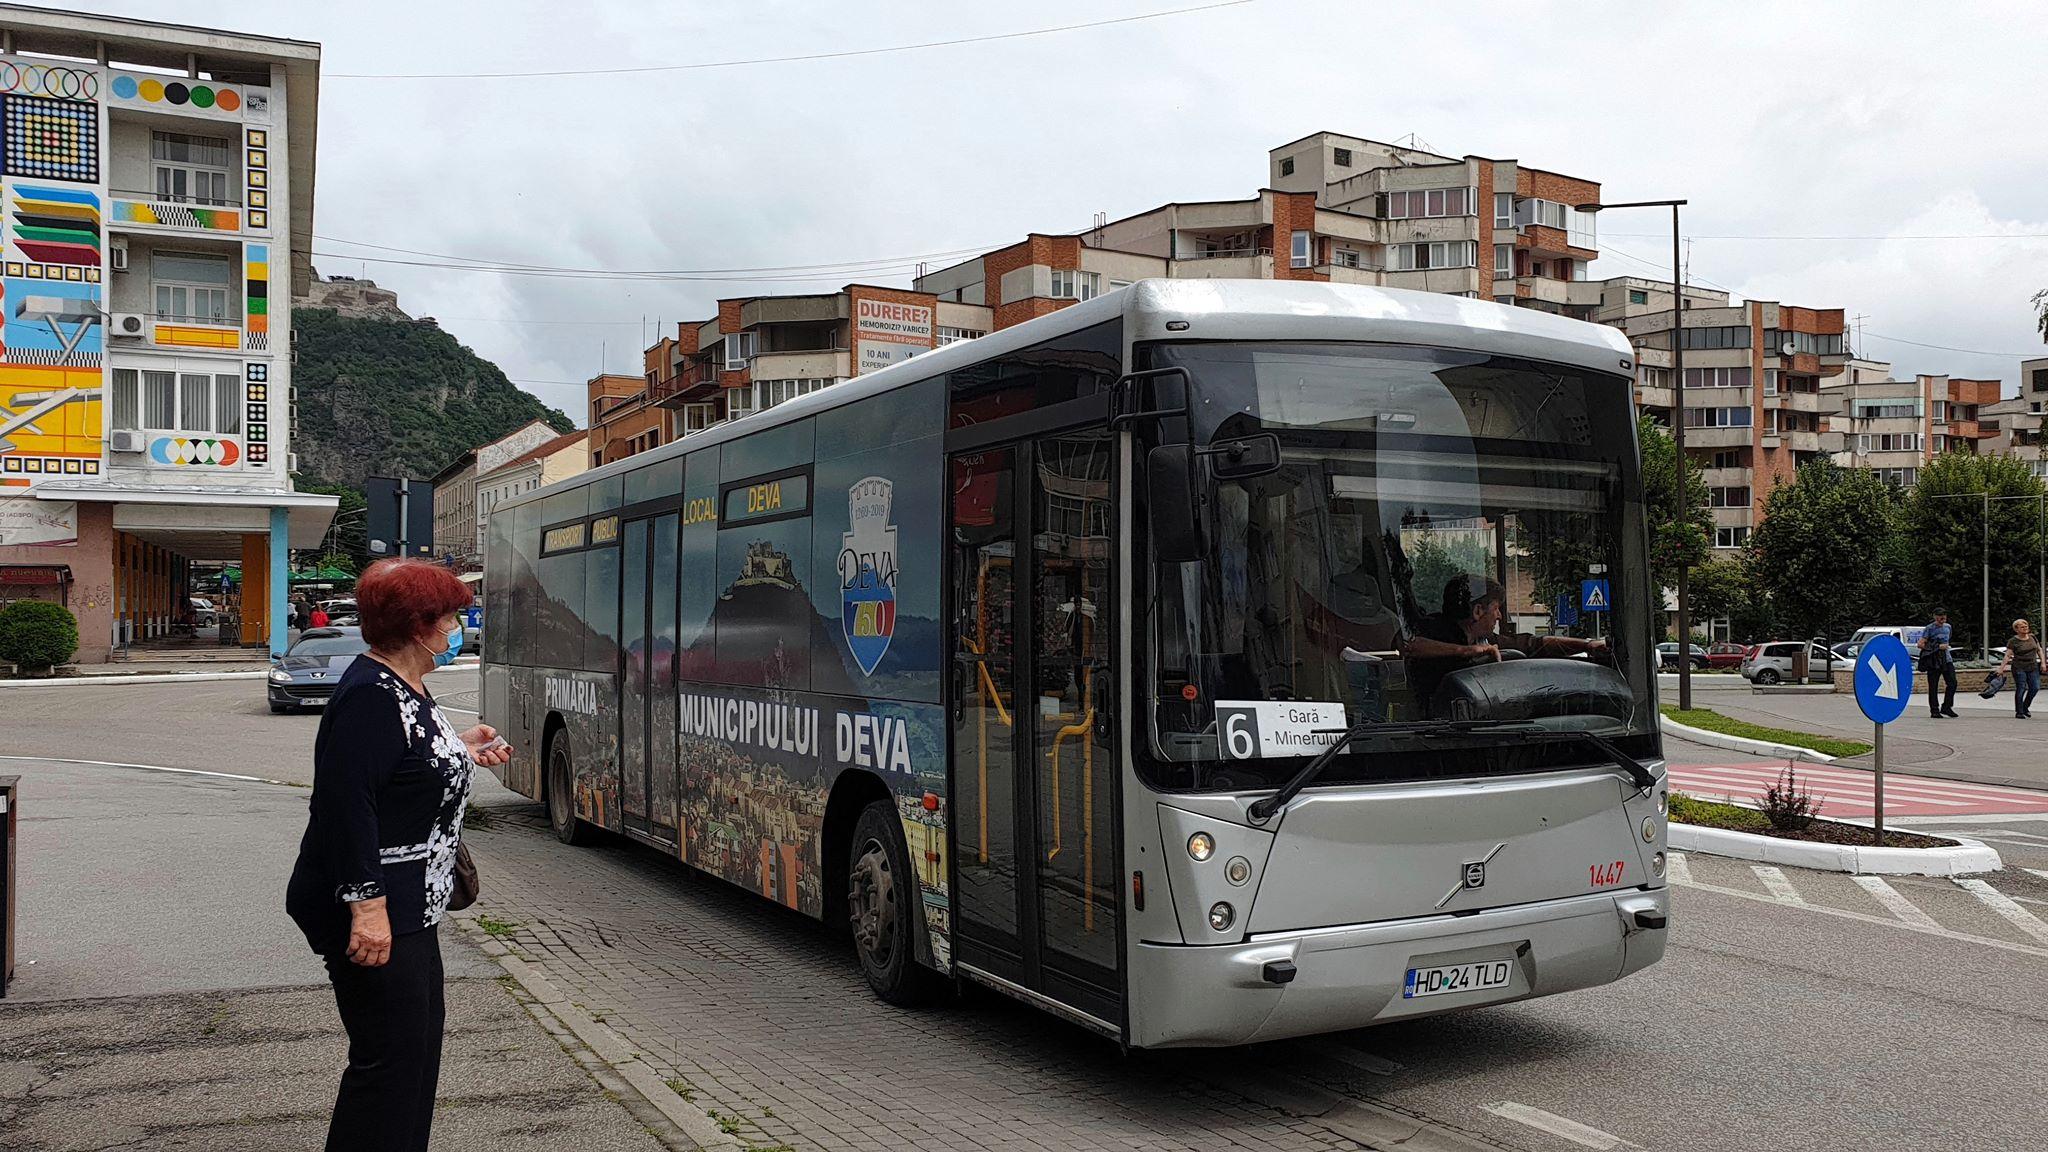 Începe distribuirea tichetelor gratuite pentru transportul public local din Deva